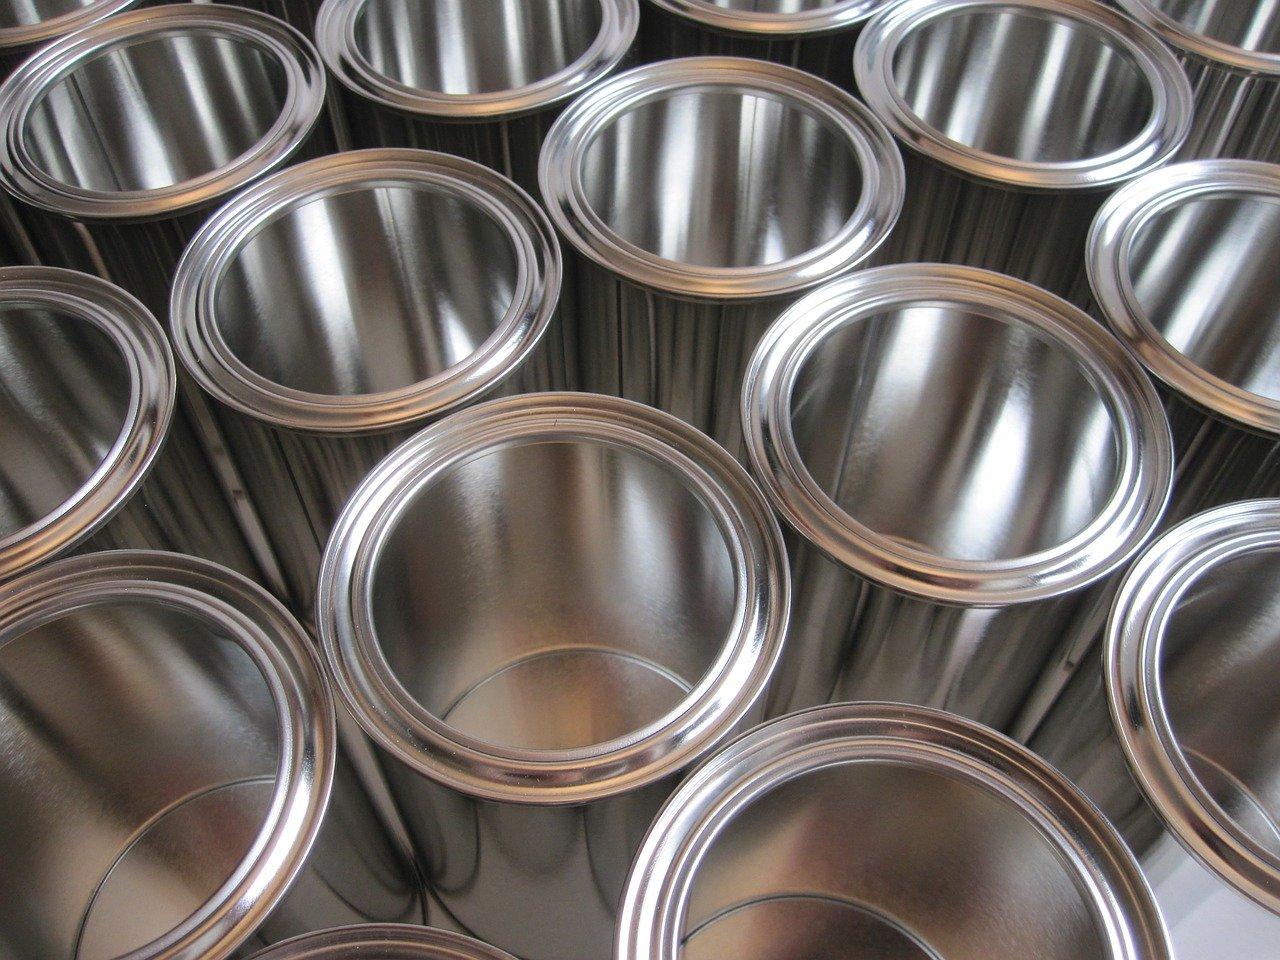 Skup cyny i niklu – czy złom tych metali jest tak cenny? - Zdjęcie główne